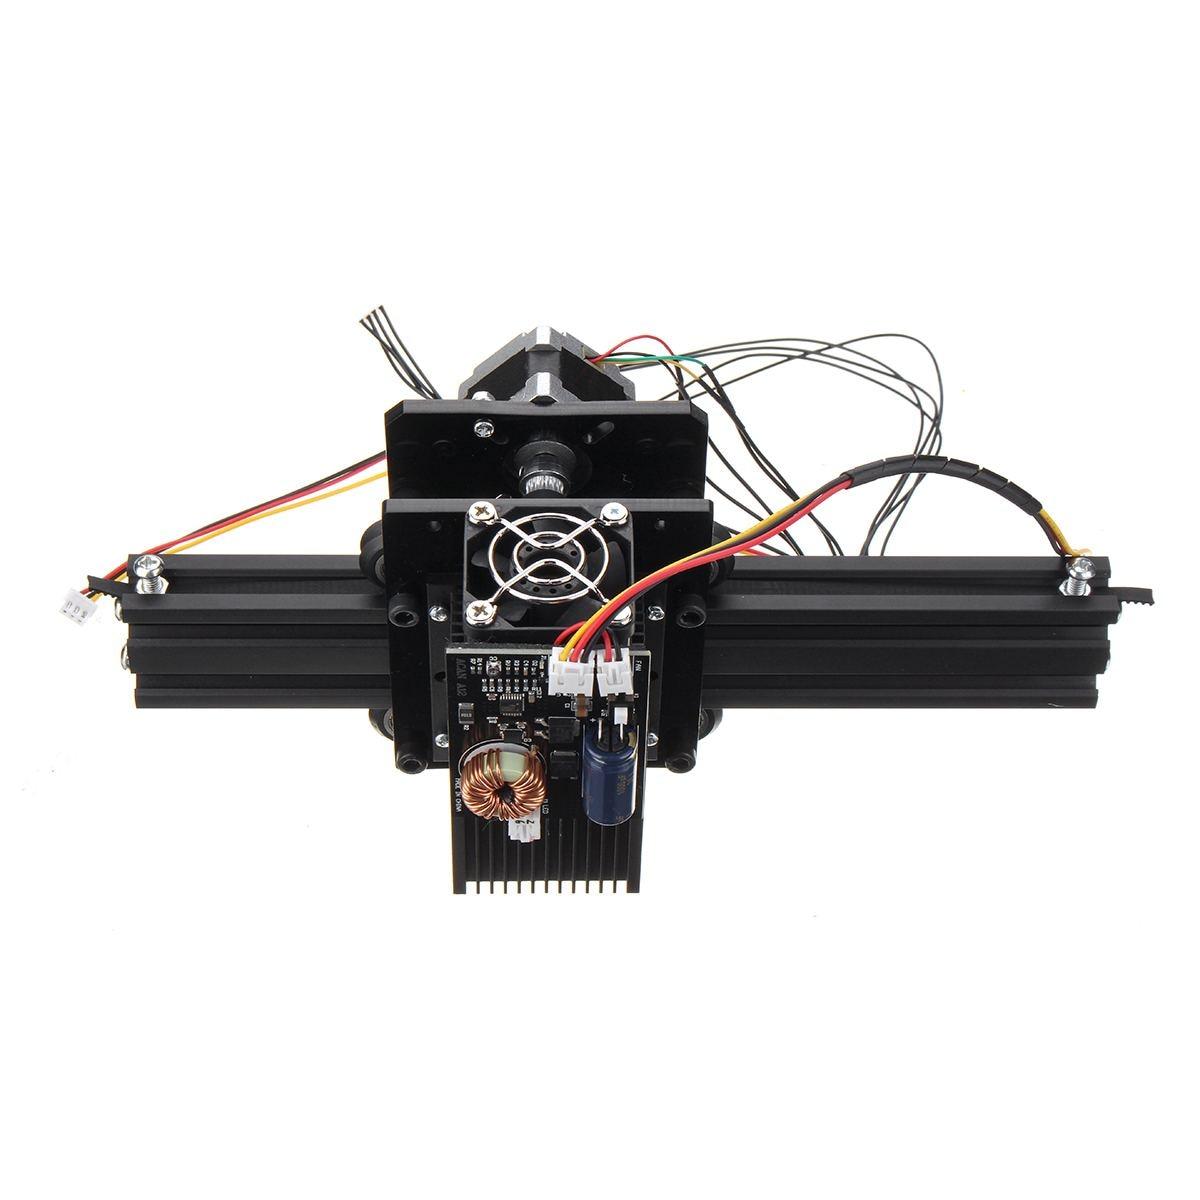 12 w 12000 mW 12 v bricolage CNC graveur Laser USB métal pierre gravure Machine bureau bois routeur/Cutter/imprimante pour Windows 7/8/10 - 3